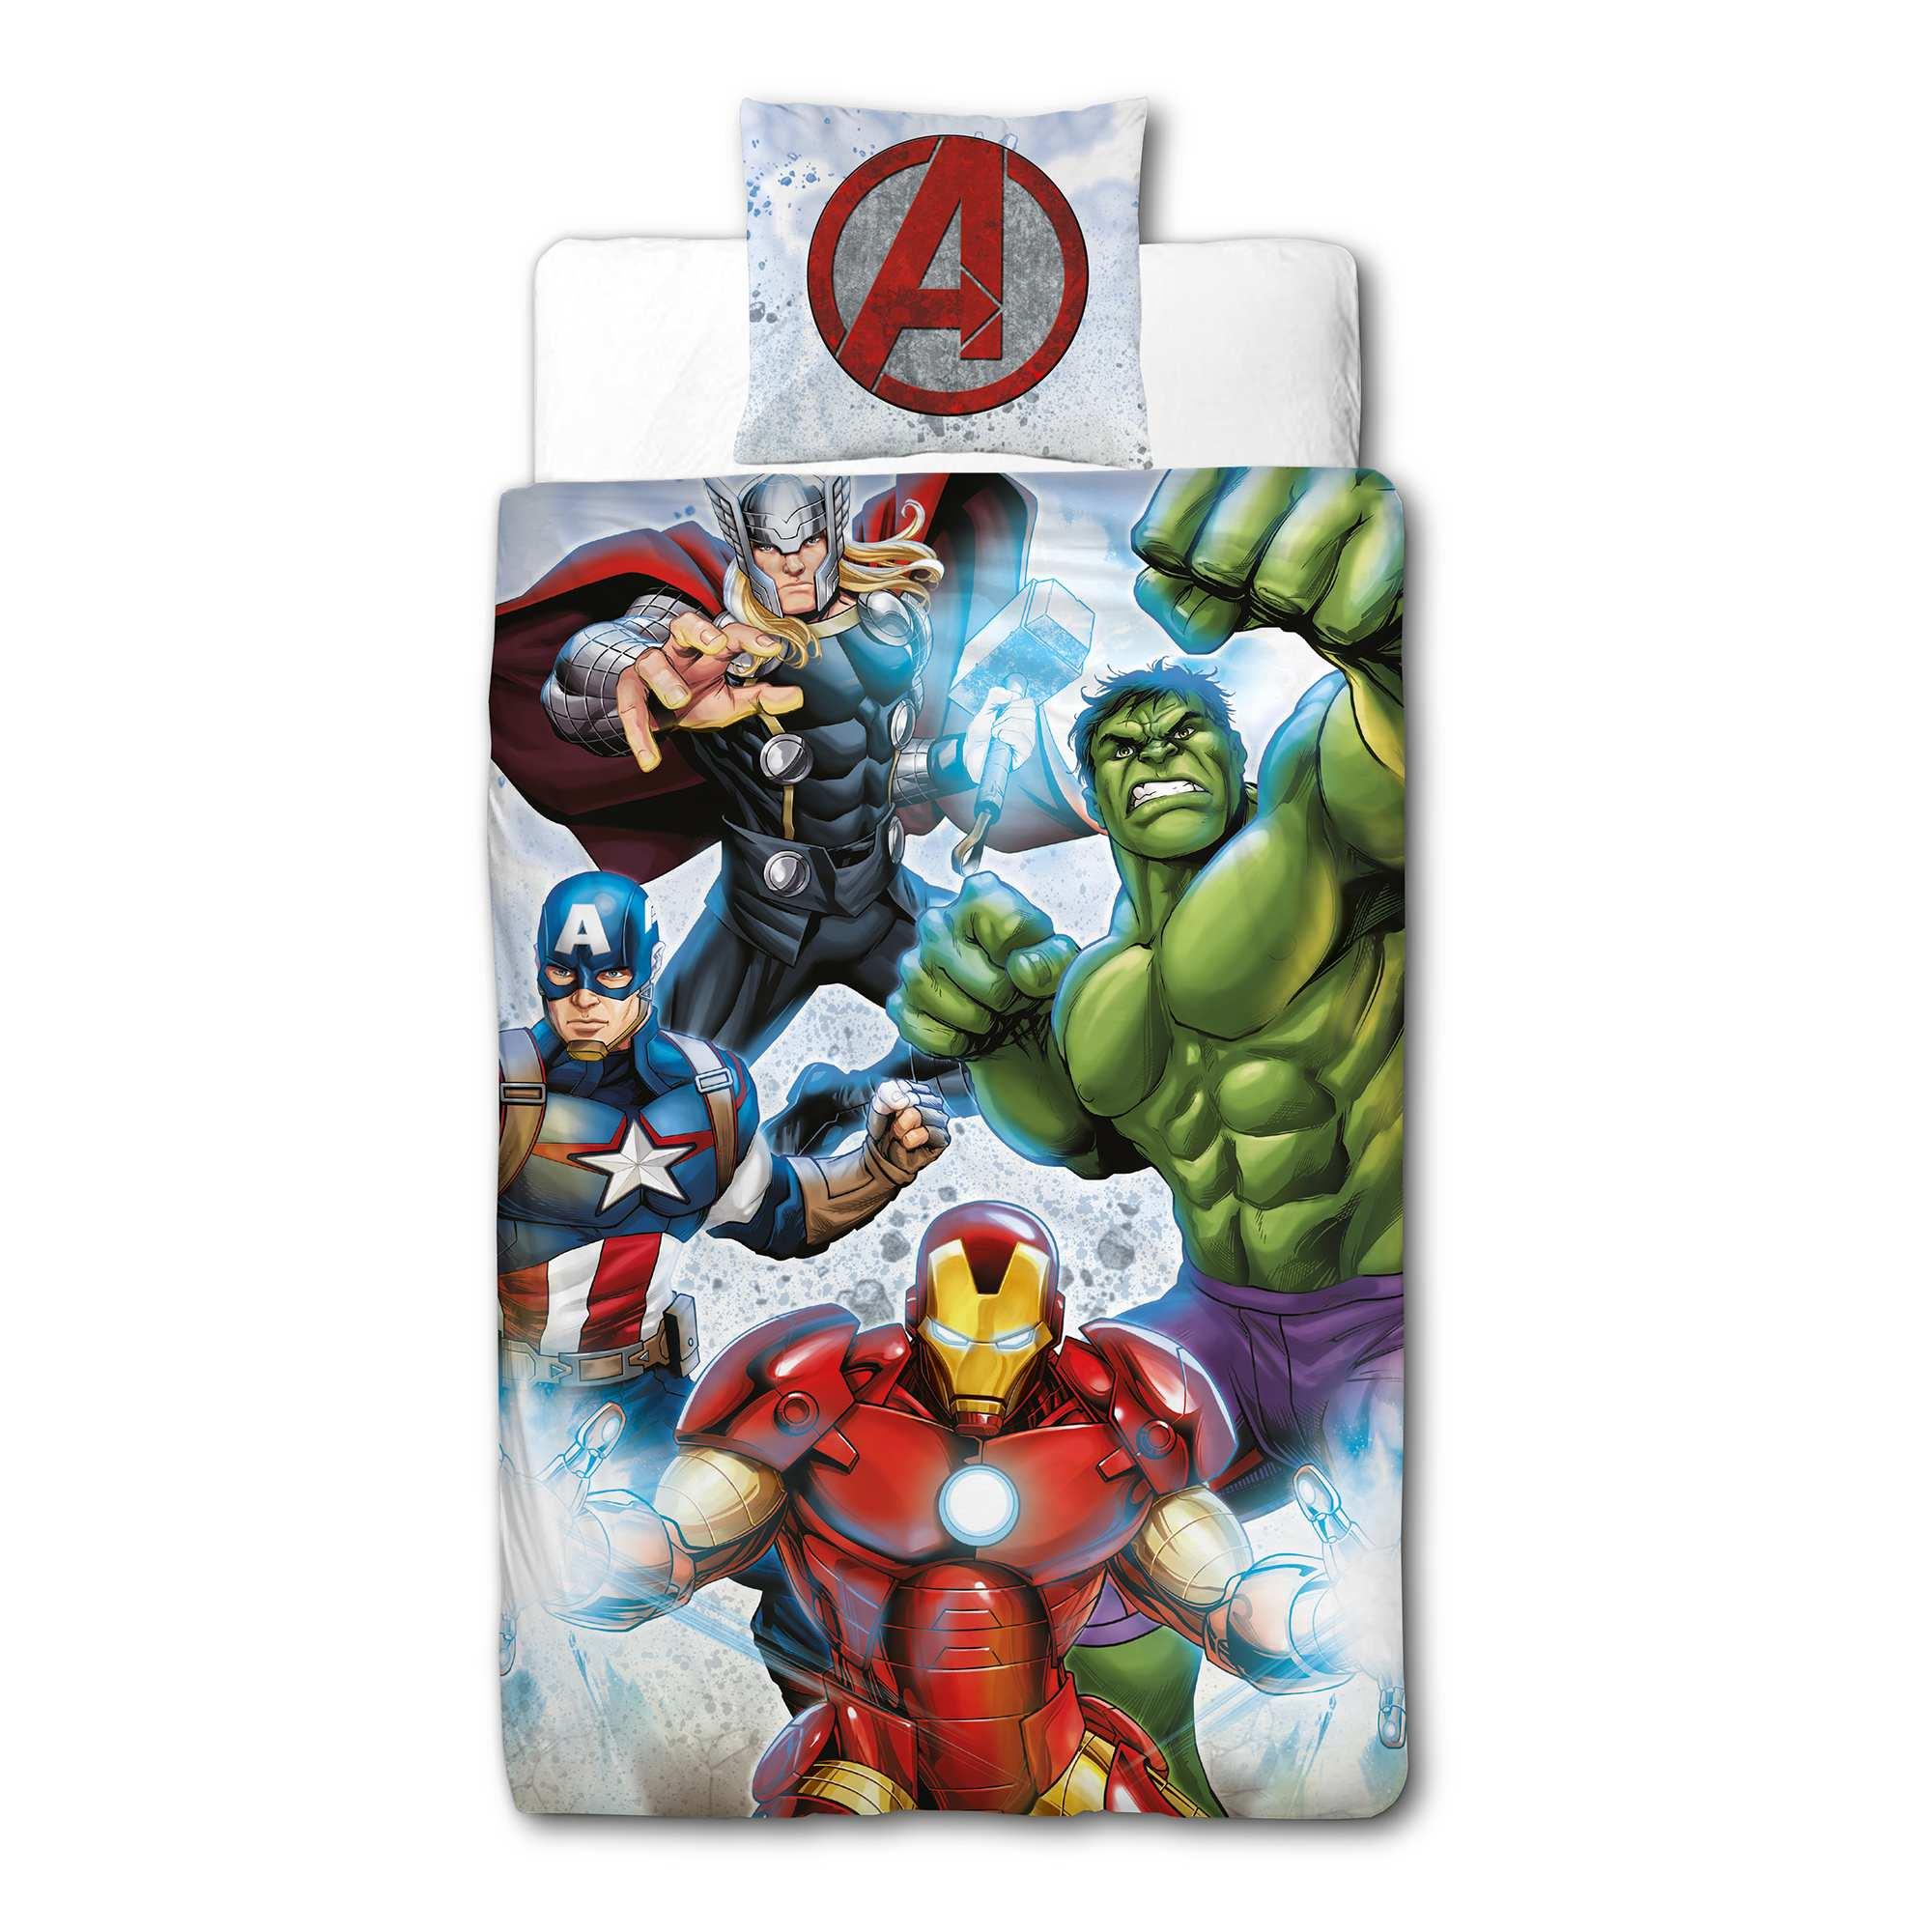 Couleur : multicolore, , ,, - Taille : 135X200, , ,,Rejoins la team 'Avengers' de 'Marvel' ! - Parure de lit en pur coton 'Avengers' de